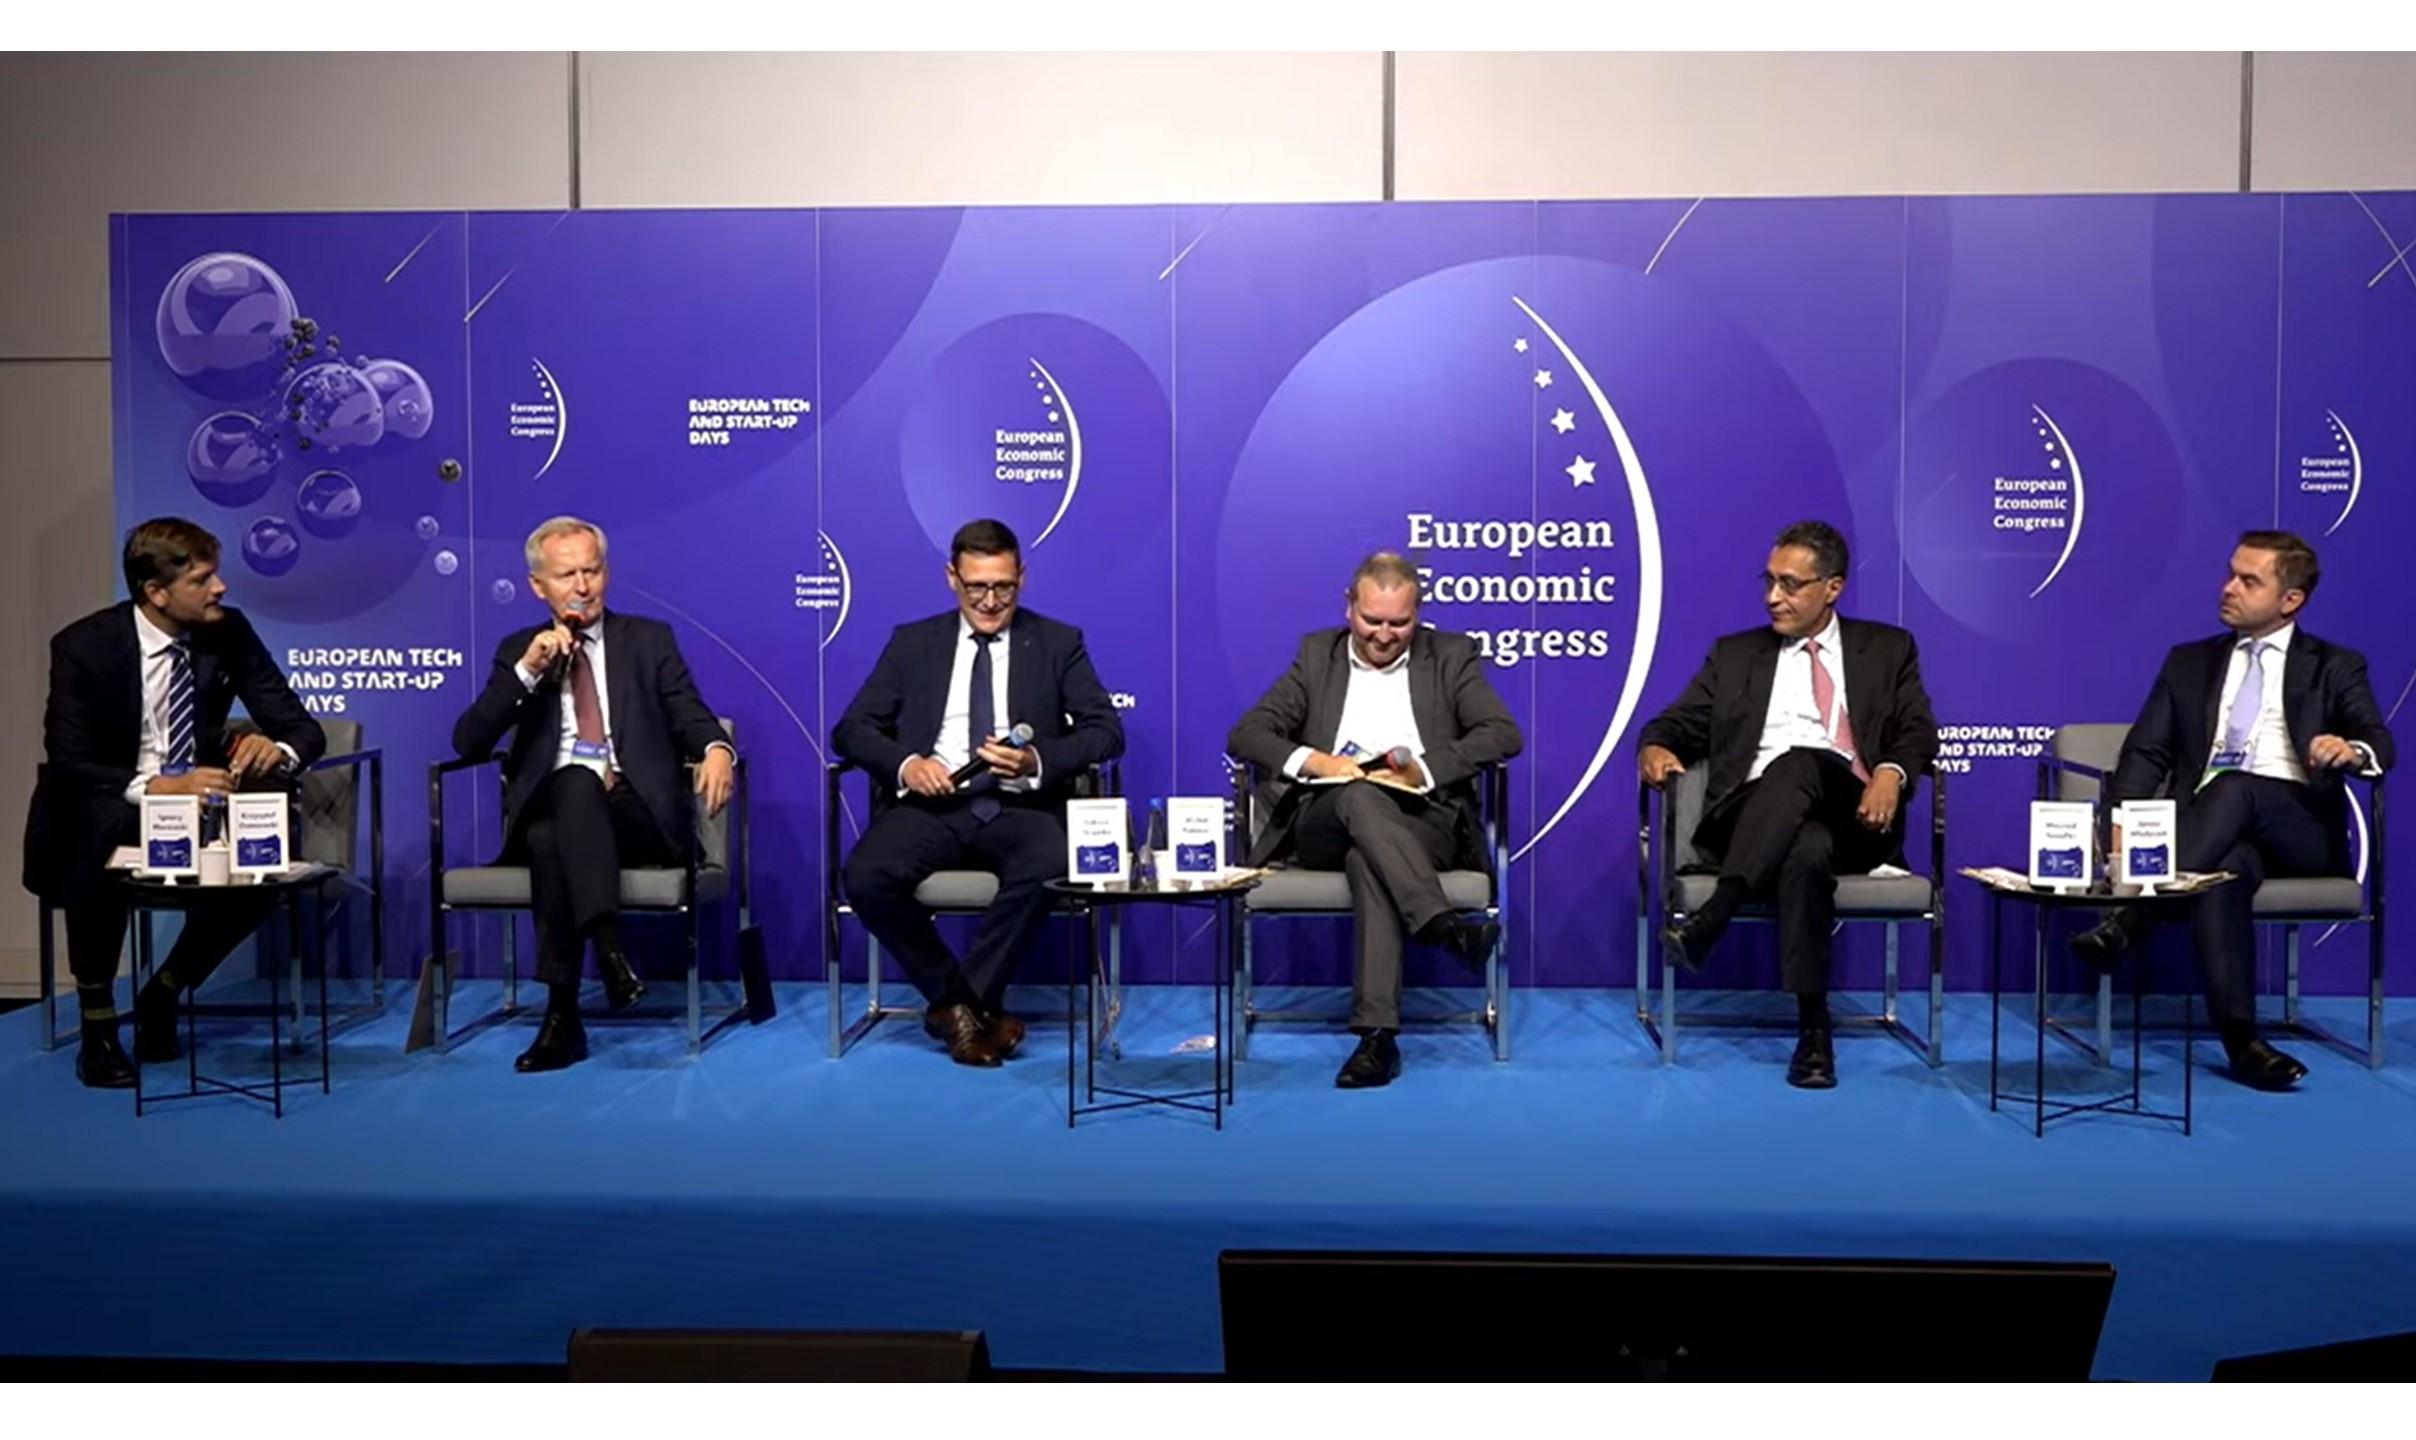 Polska marka jest dobrze postrzegana na świecie – Krzysztof Domarecki na Europejskim Kongresie Gospodarczym